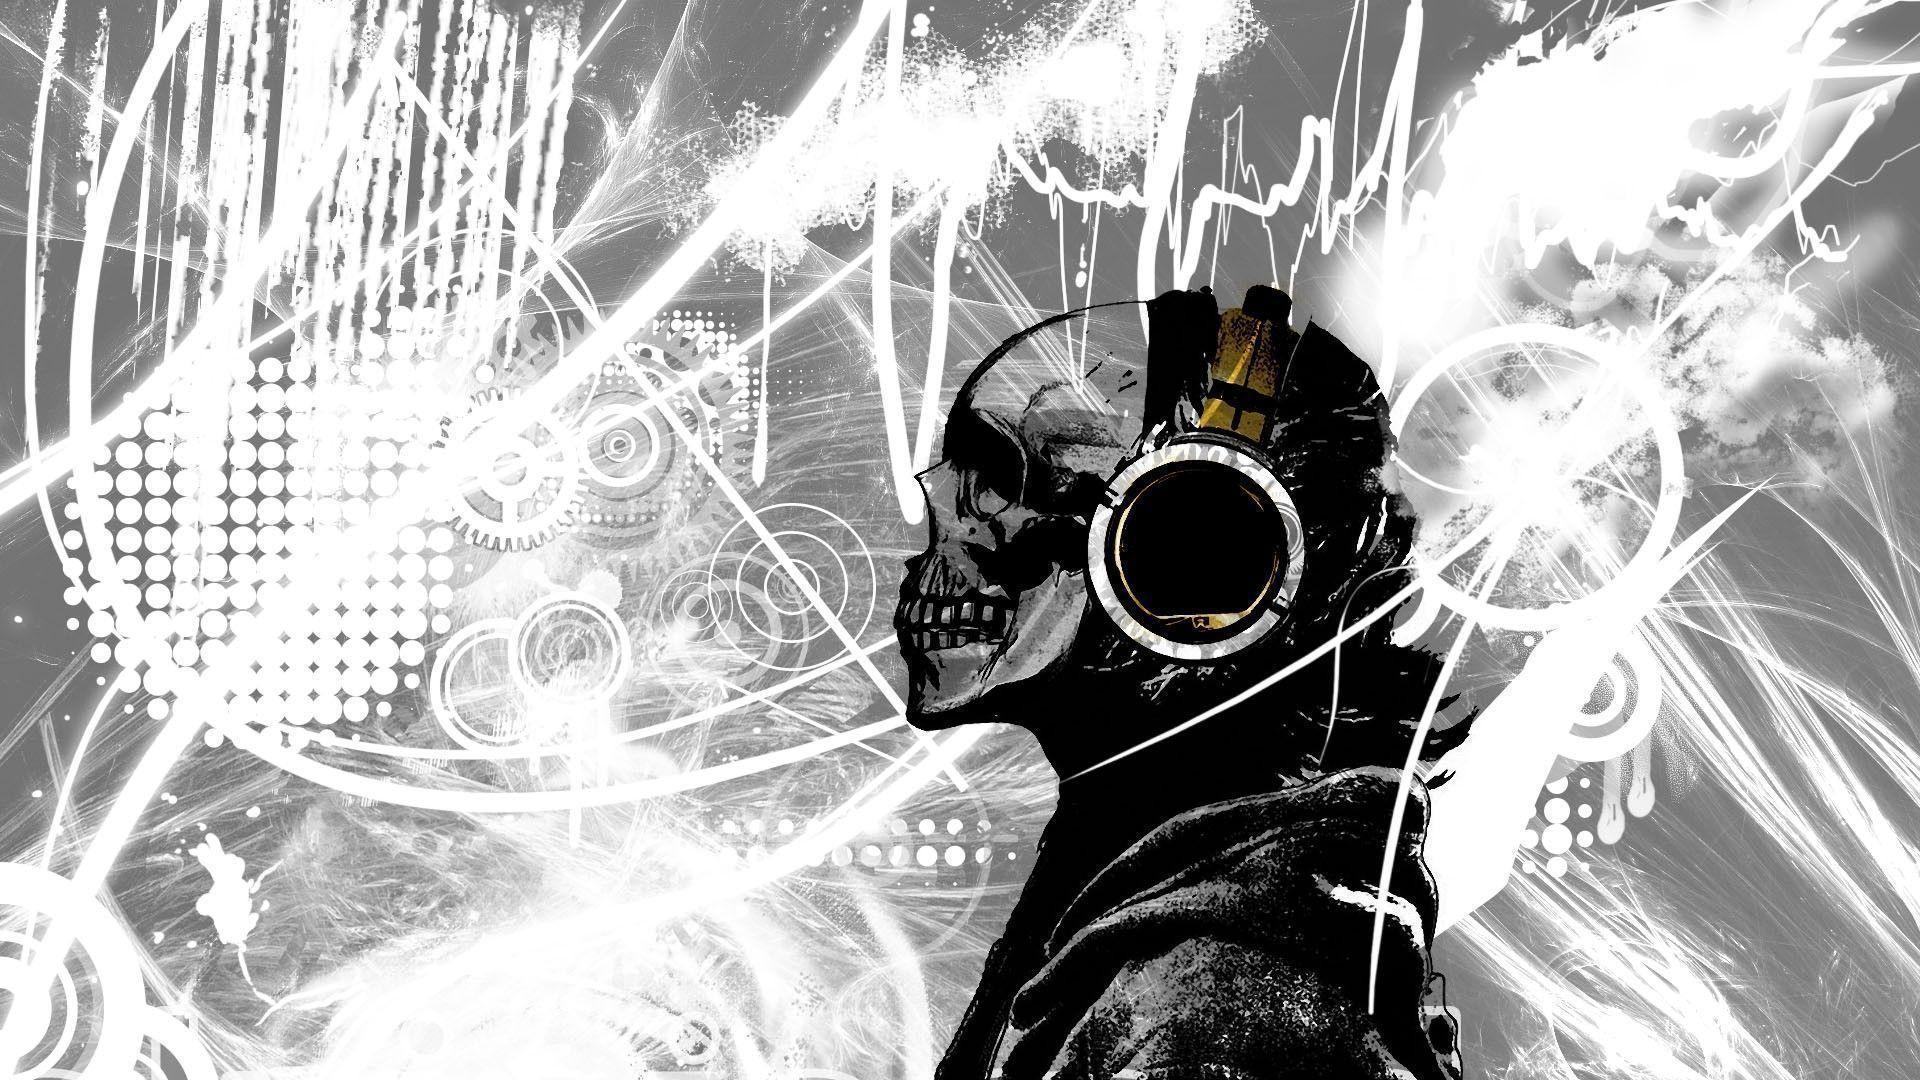 Skulls Music Skull Hd Wallpaper